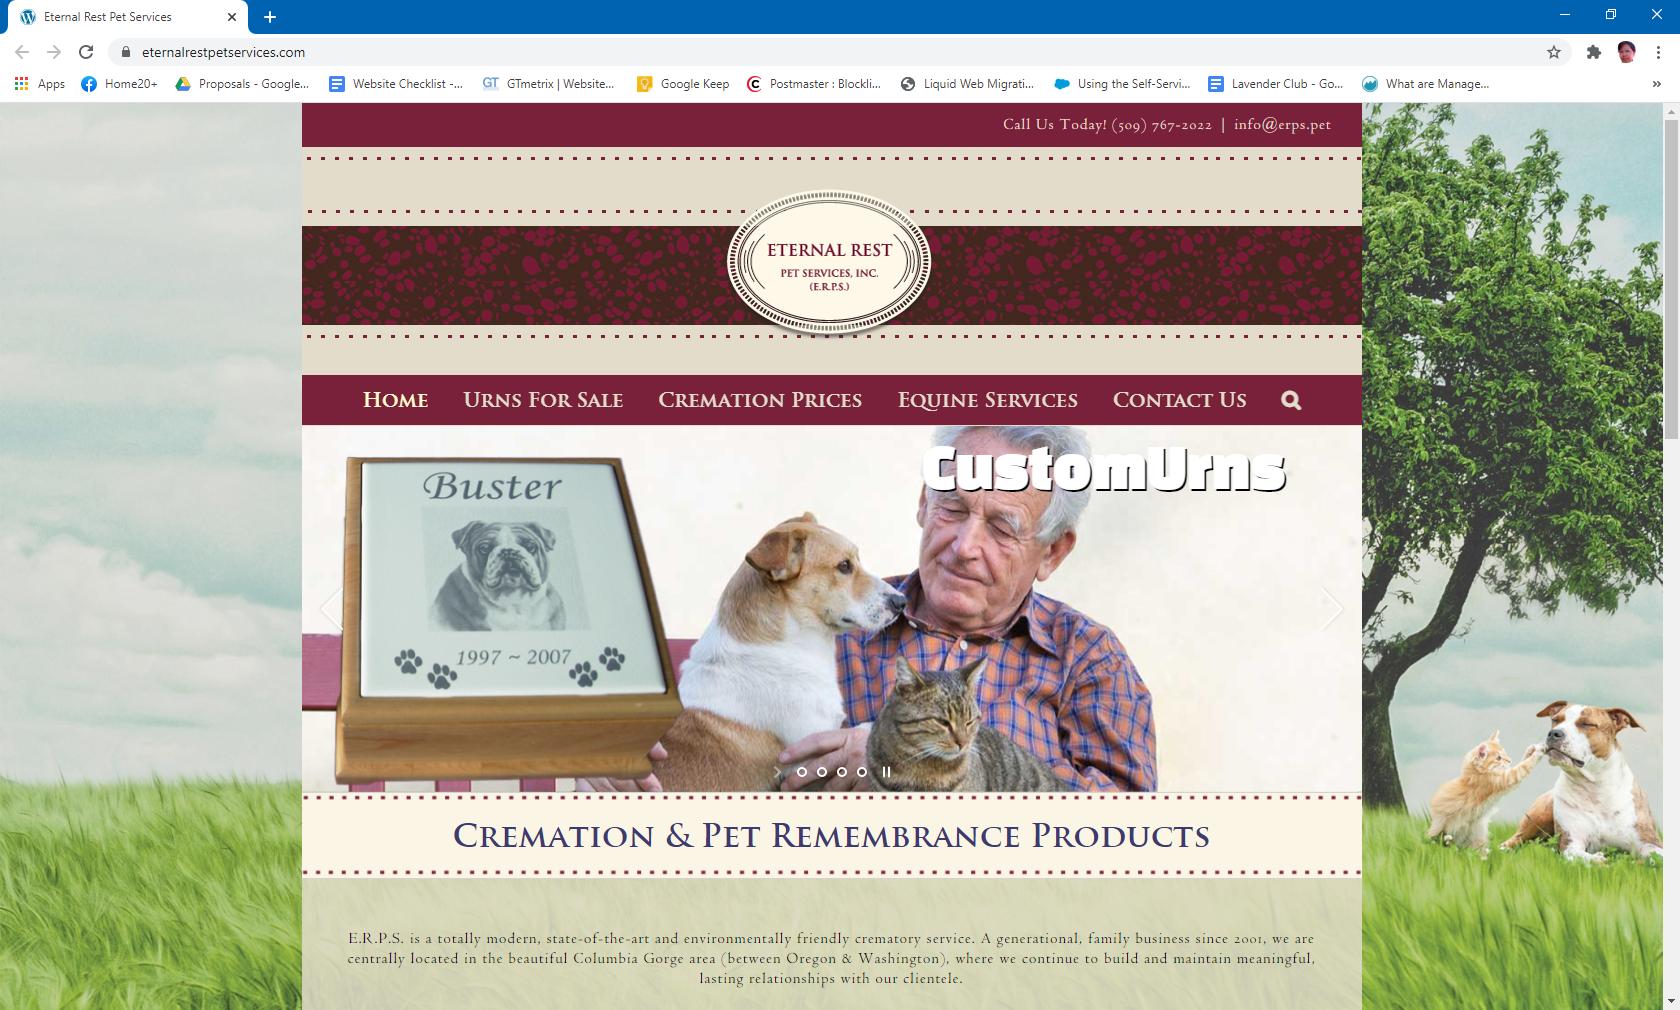 Eternal Rest Pet Services